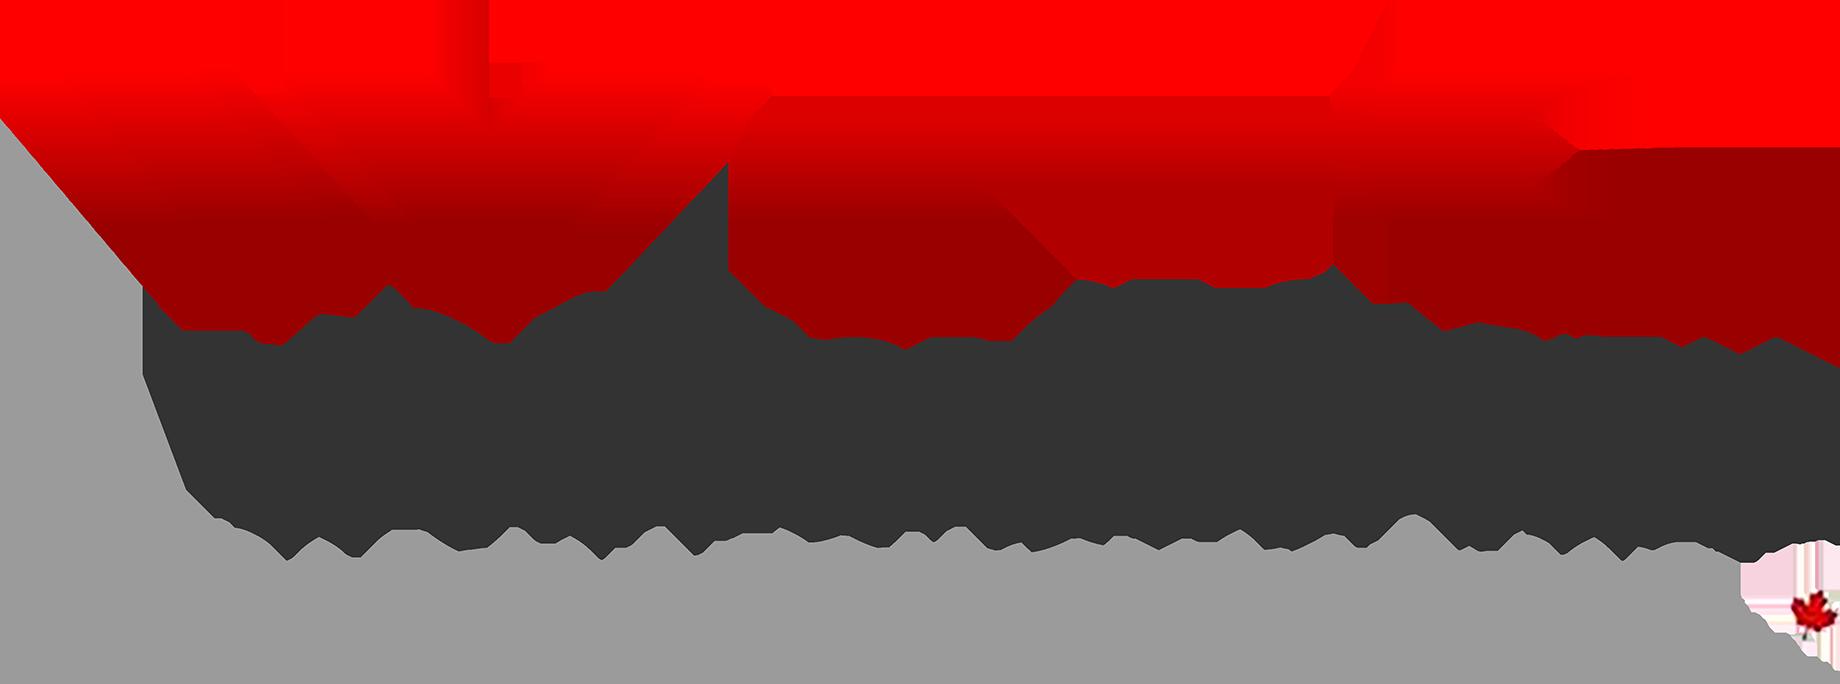 WFC | WorkForceCapital